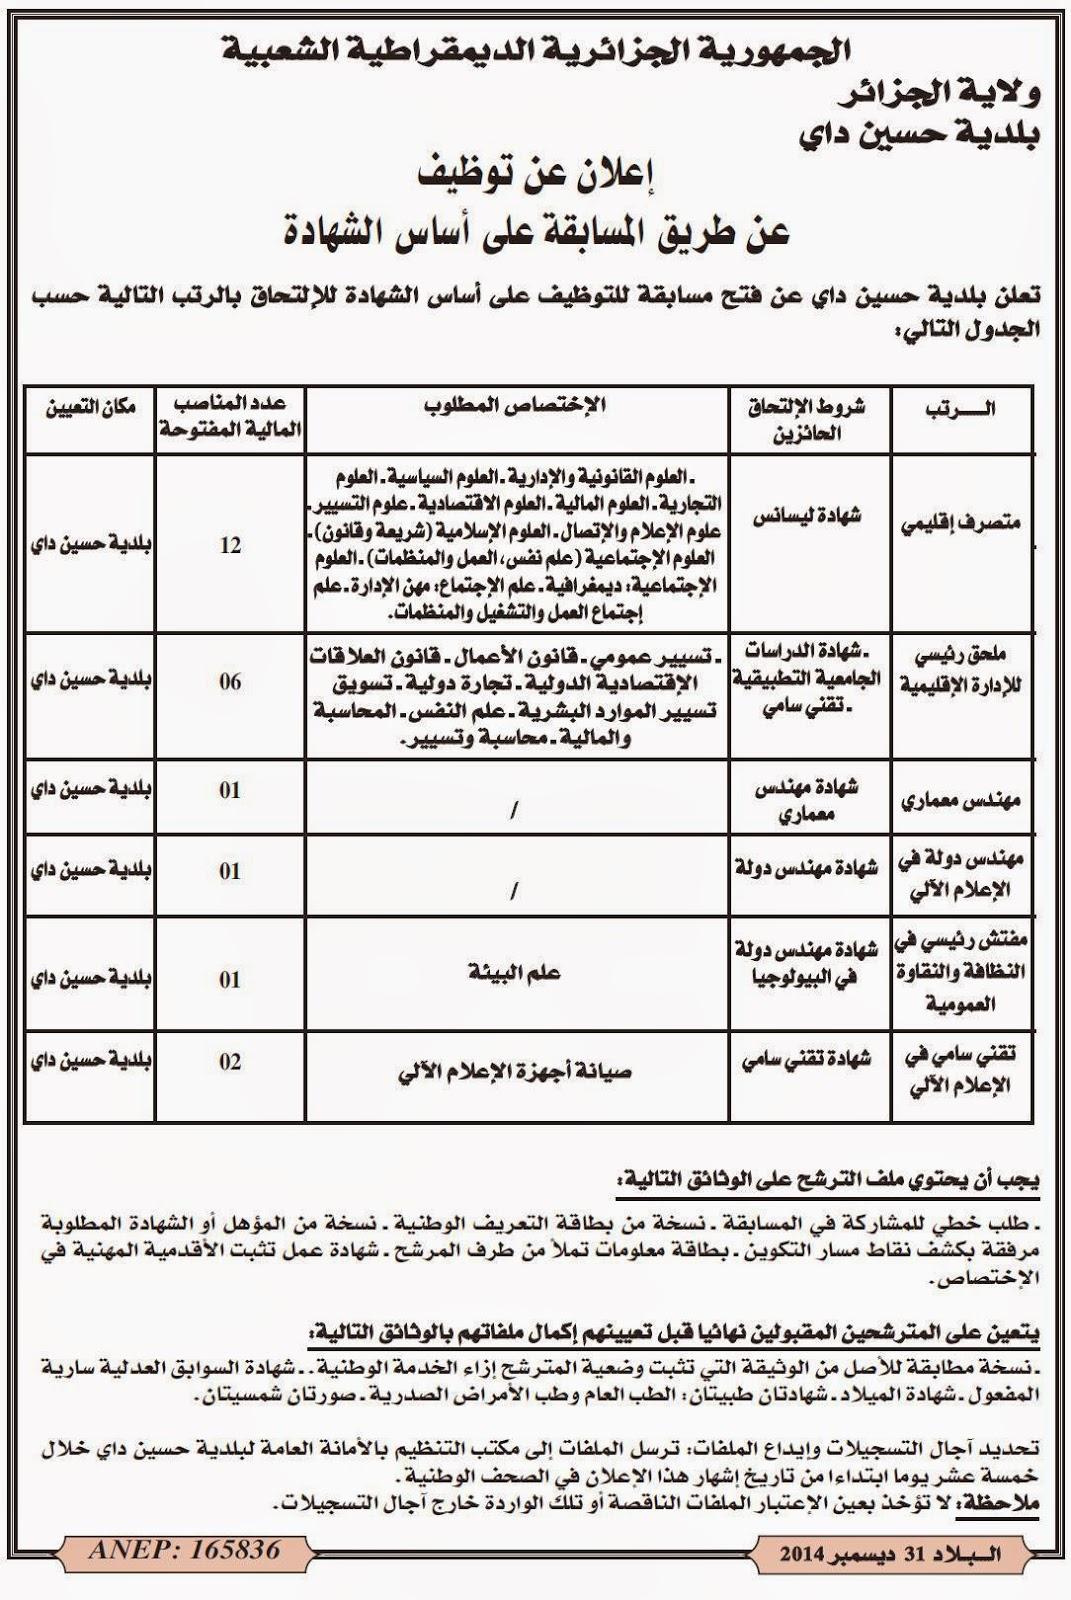 مسابقات توظيف في بلدية حسين داي بولاية الجزائر العاصمة جانفي 2015